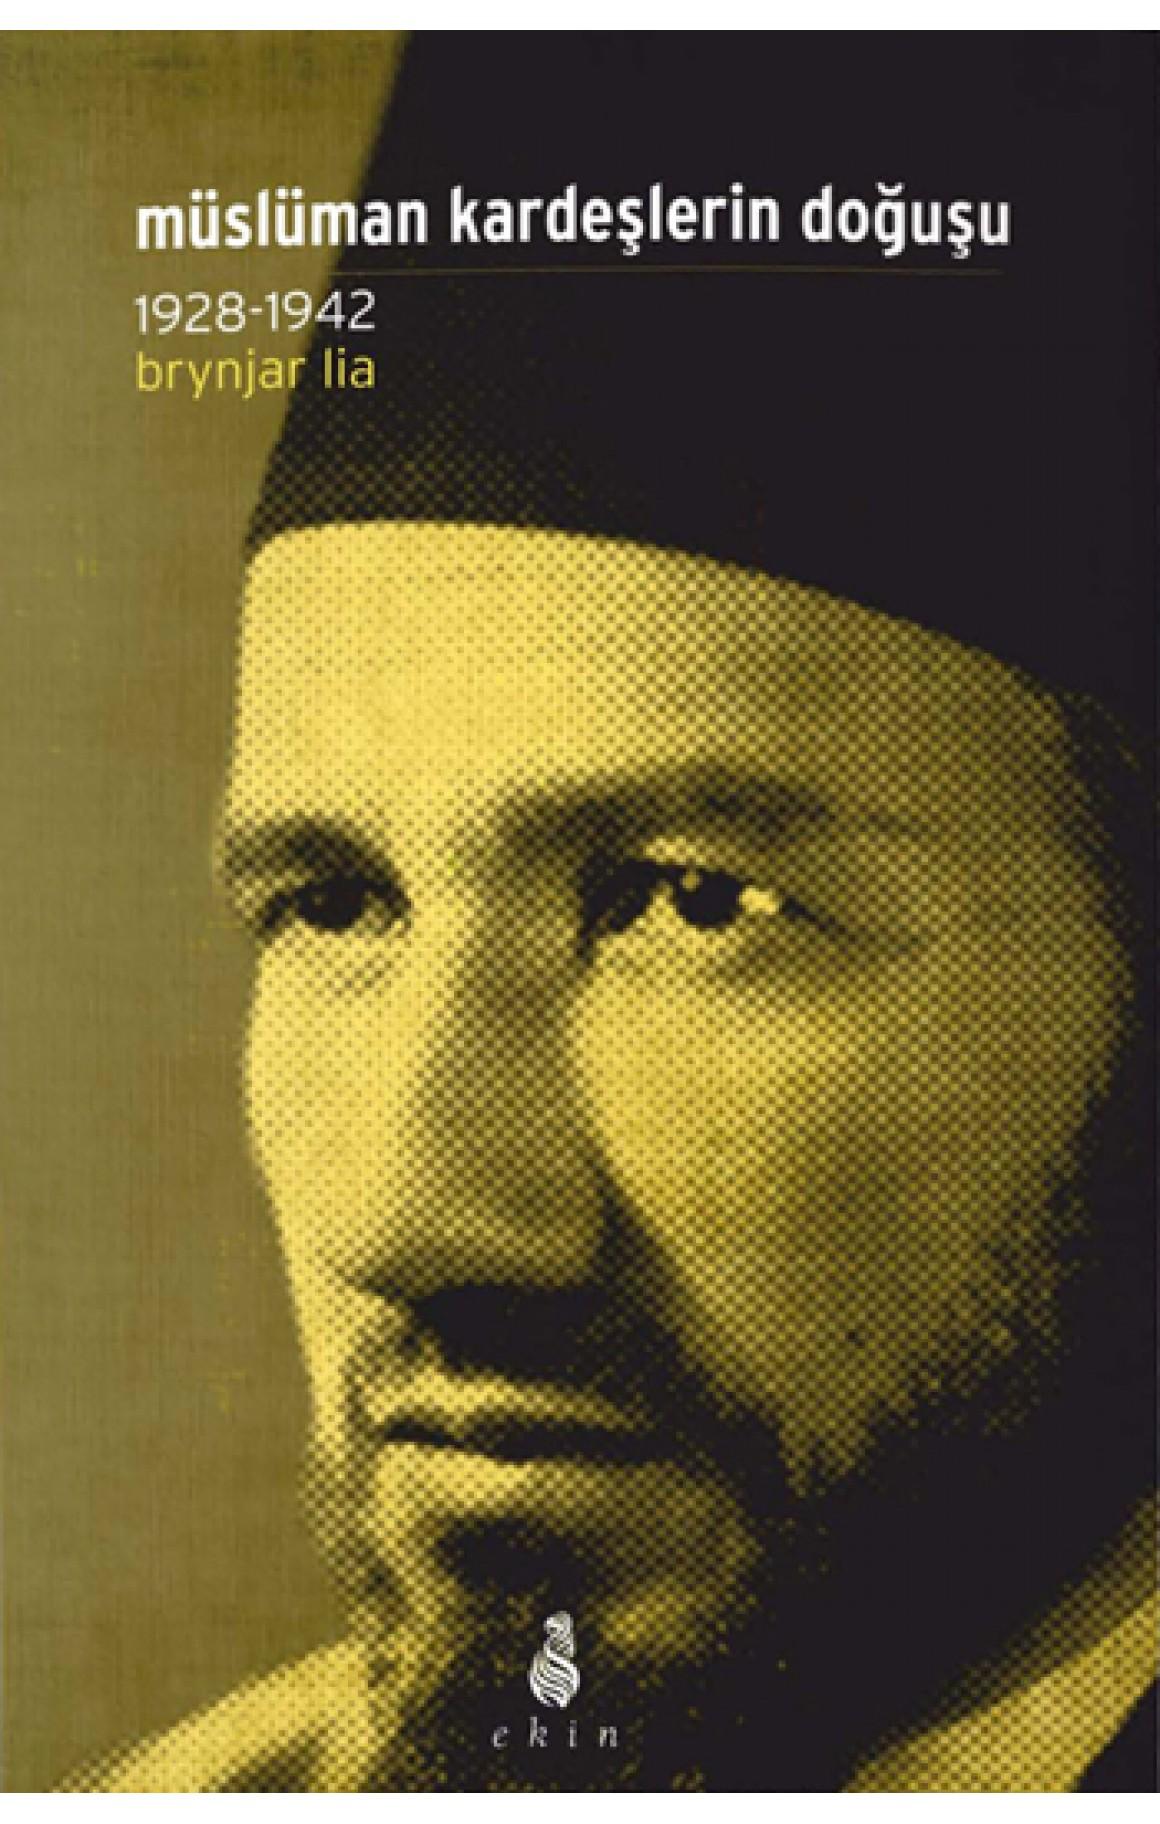 Müslüman Kardeşlerin Doğuşu 1928-1942